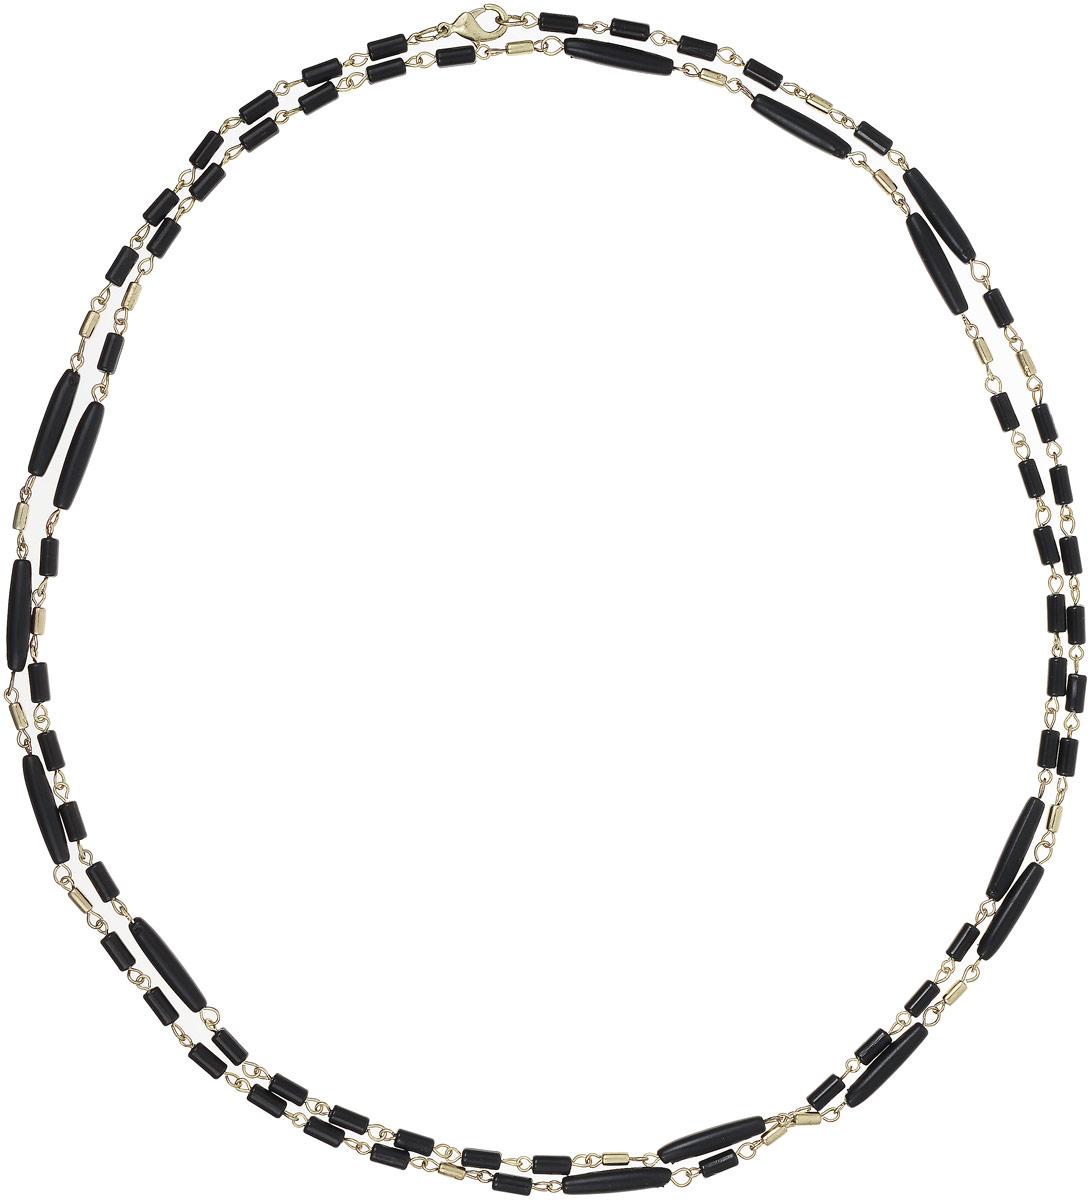 Ожерелье Art-Silver, цвет: черный. 25770-27625770-276Ожерелье Art-Silver выполнено из бижутерного сплава, оформлено крупными бусинами и цепочками с мелким плетением. Модель застегивается на карабин и регулируется по длине.